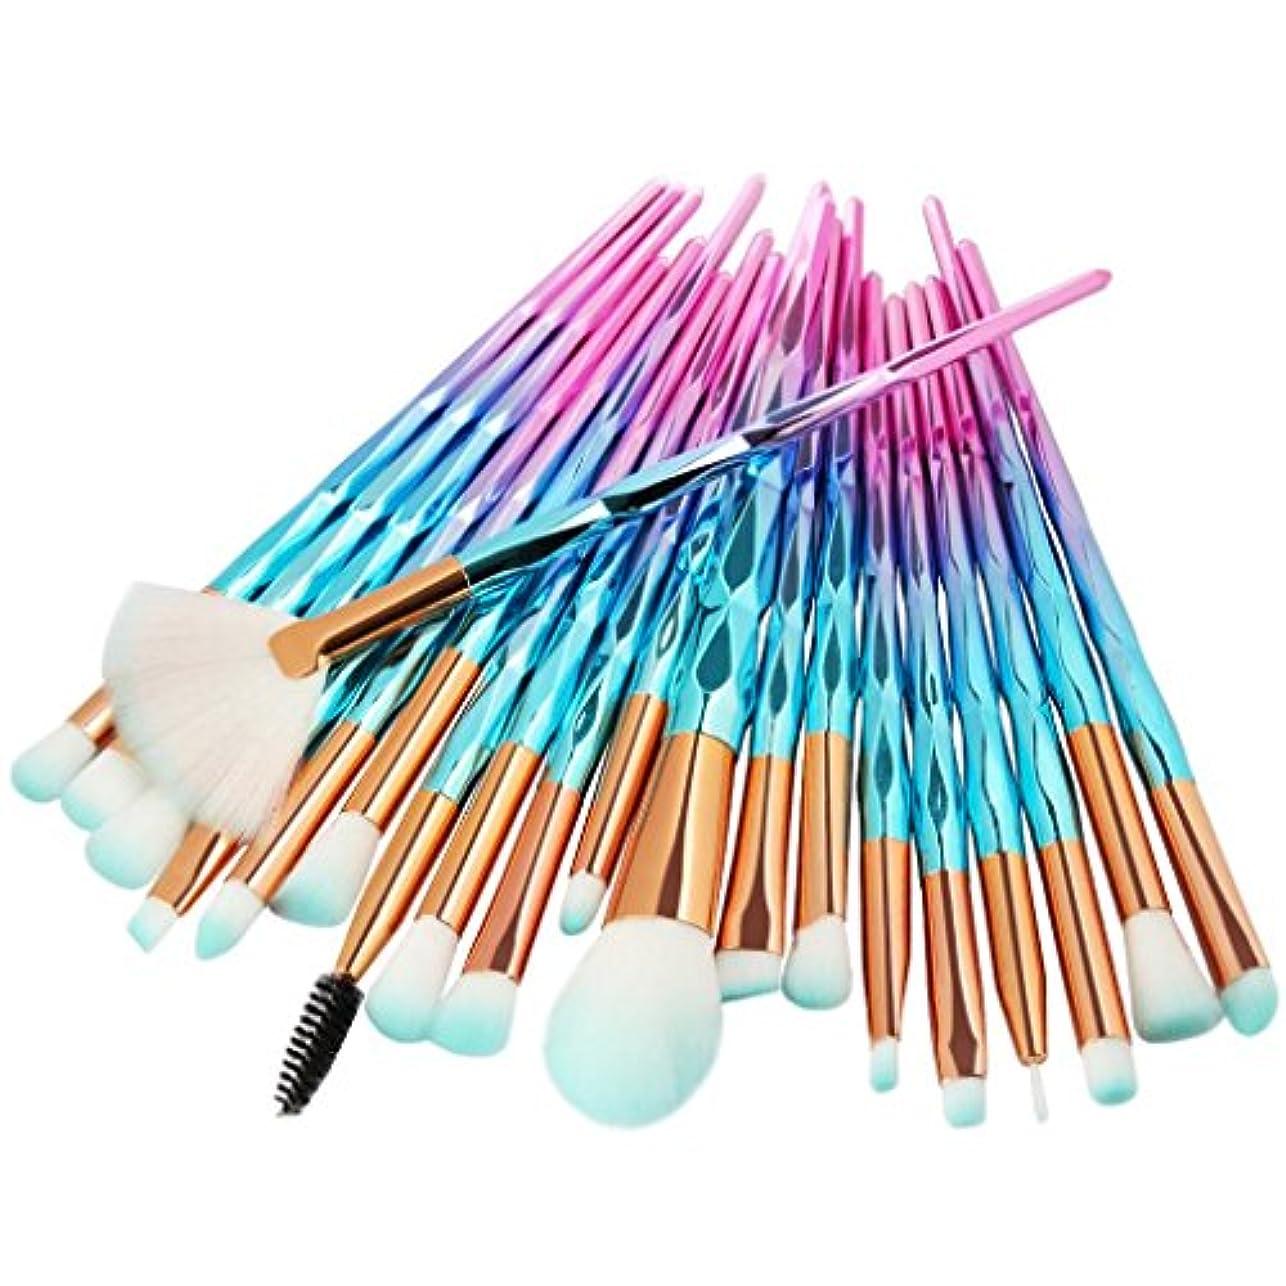 拍手する予防接種する東部Feteso メイクブラシ メイクブラシセット 多色 20 本セット 人気 化粧ブラシ ふわふわ 敏感肌適用 メイク道具 プレゼント アイシャドウ アイライナー Makeup Brushes Set